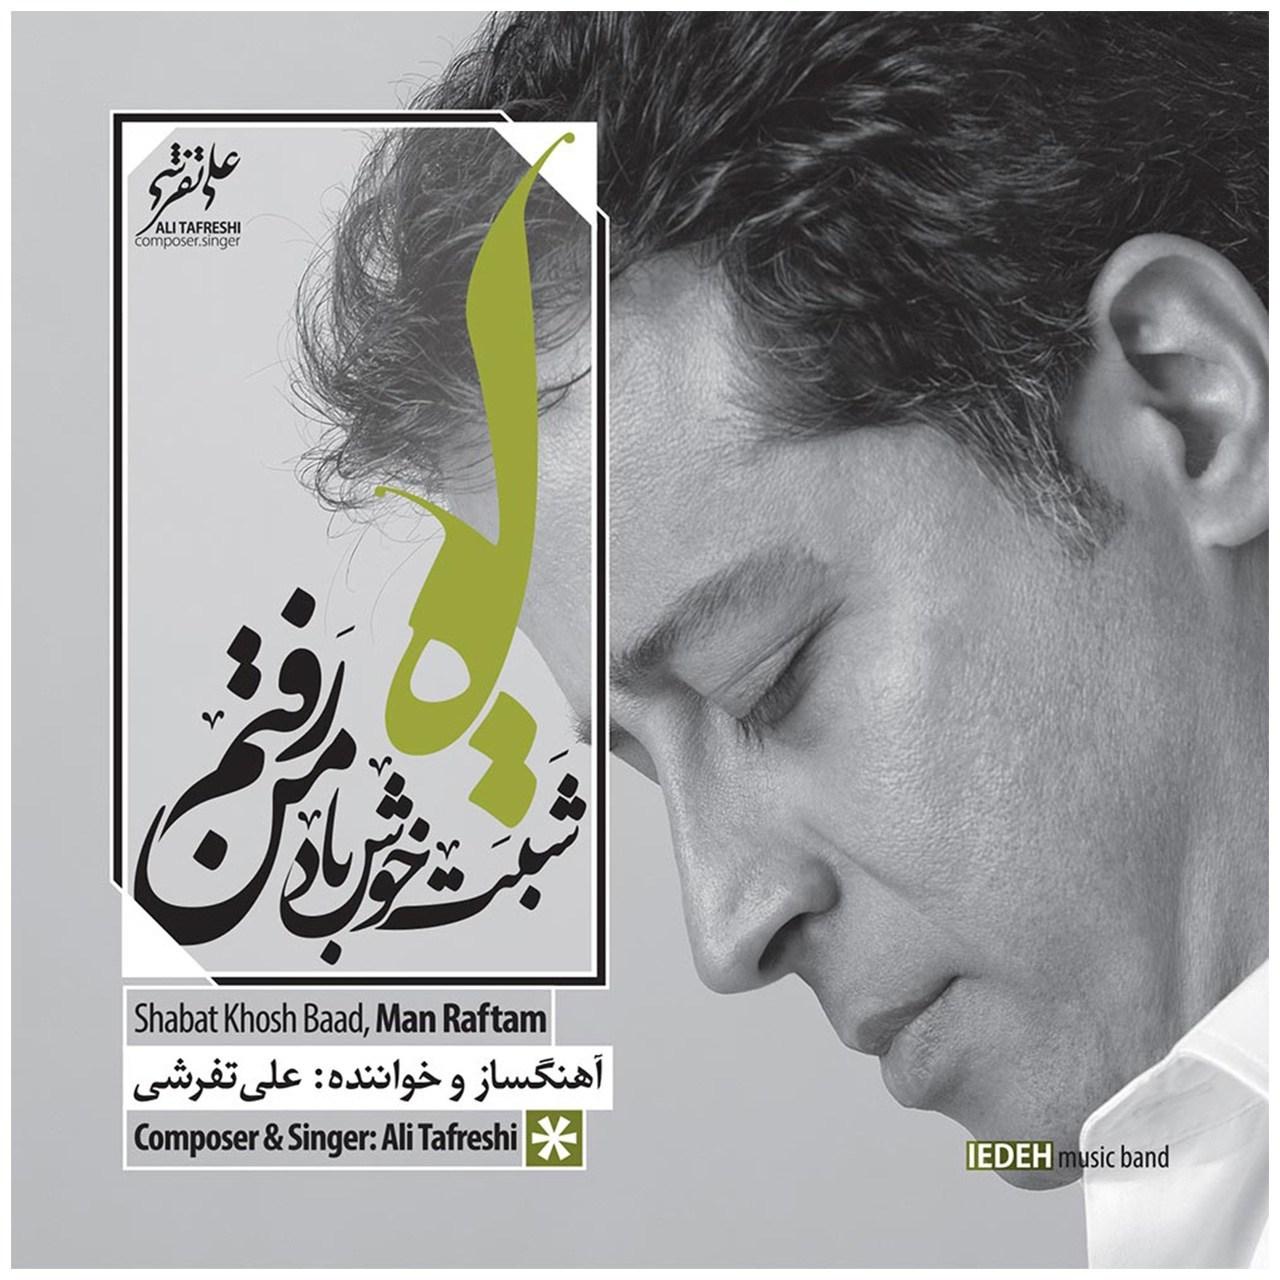 آلبوم موسیقی شبت خوش باد من رفتم اثر علی تفرشی